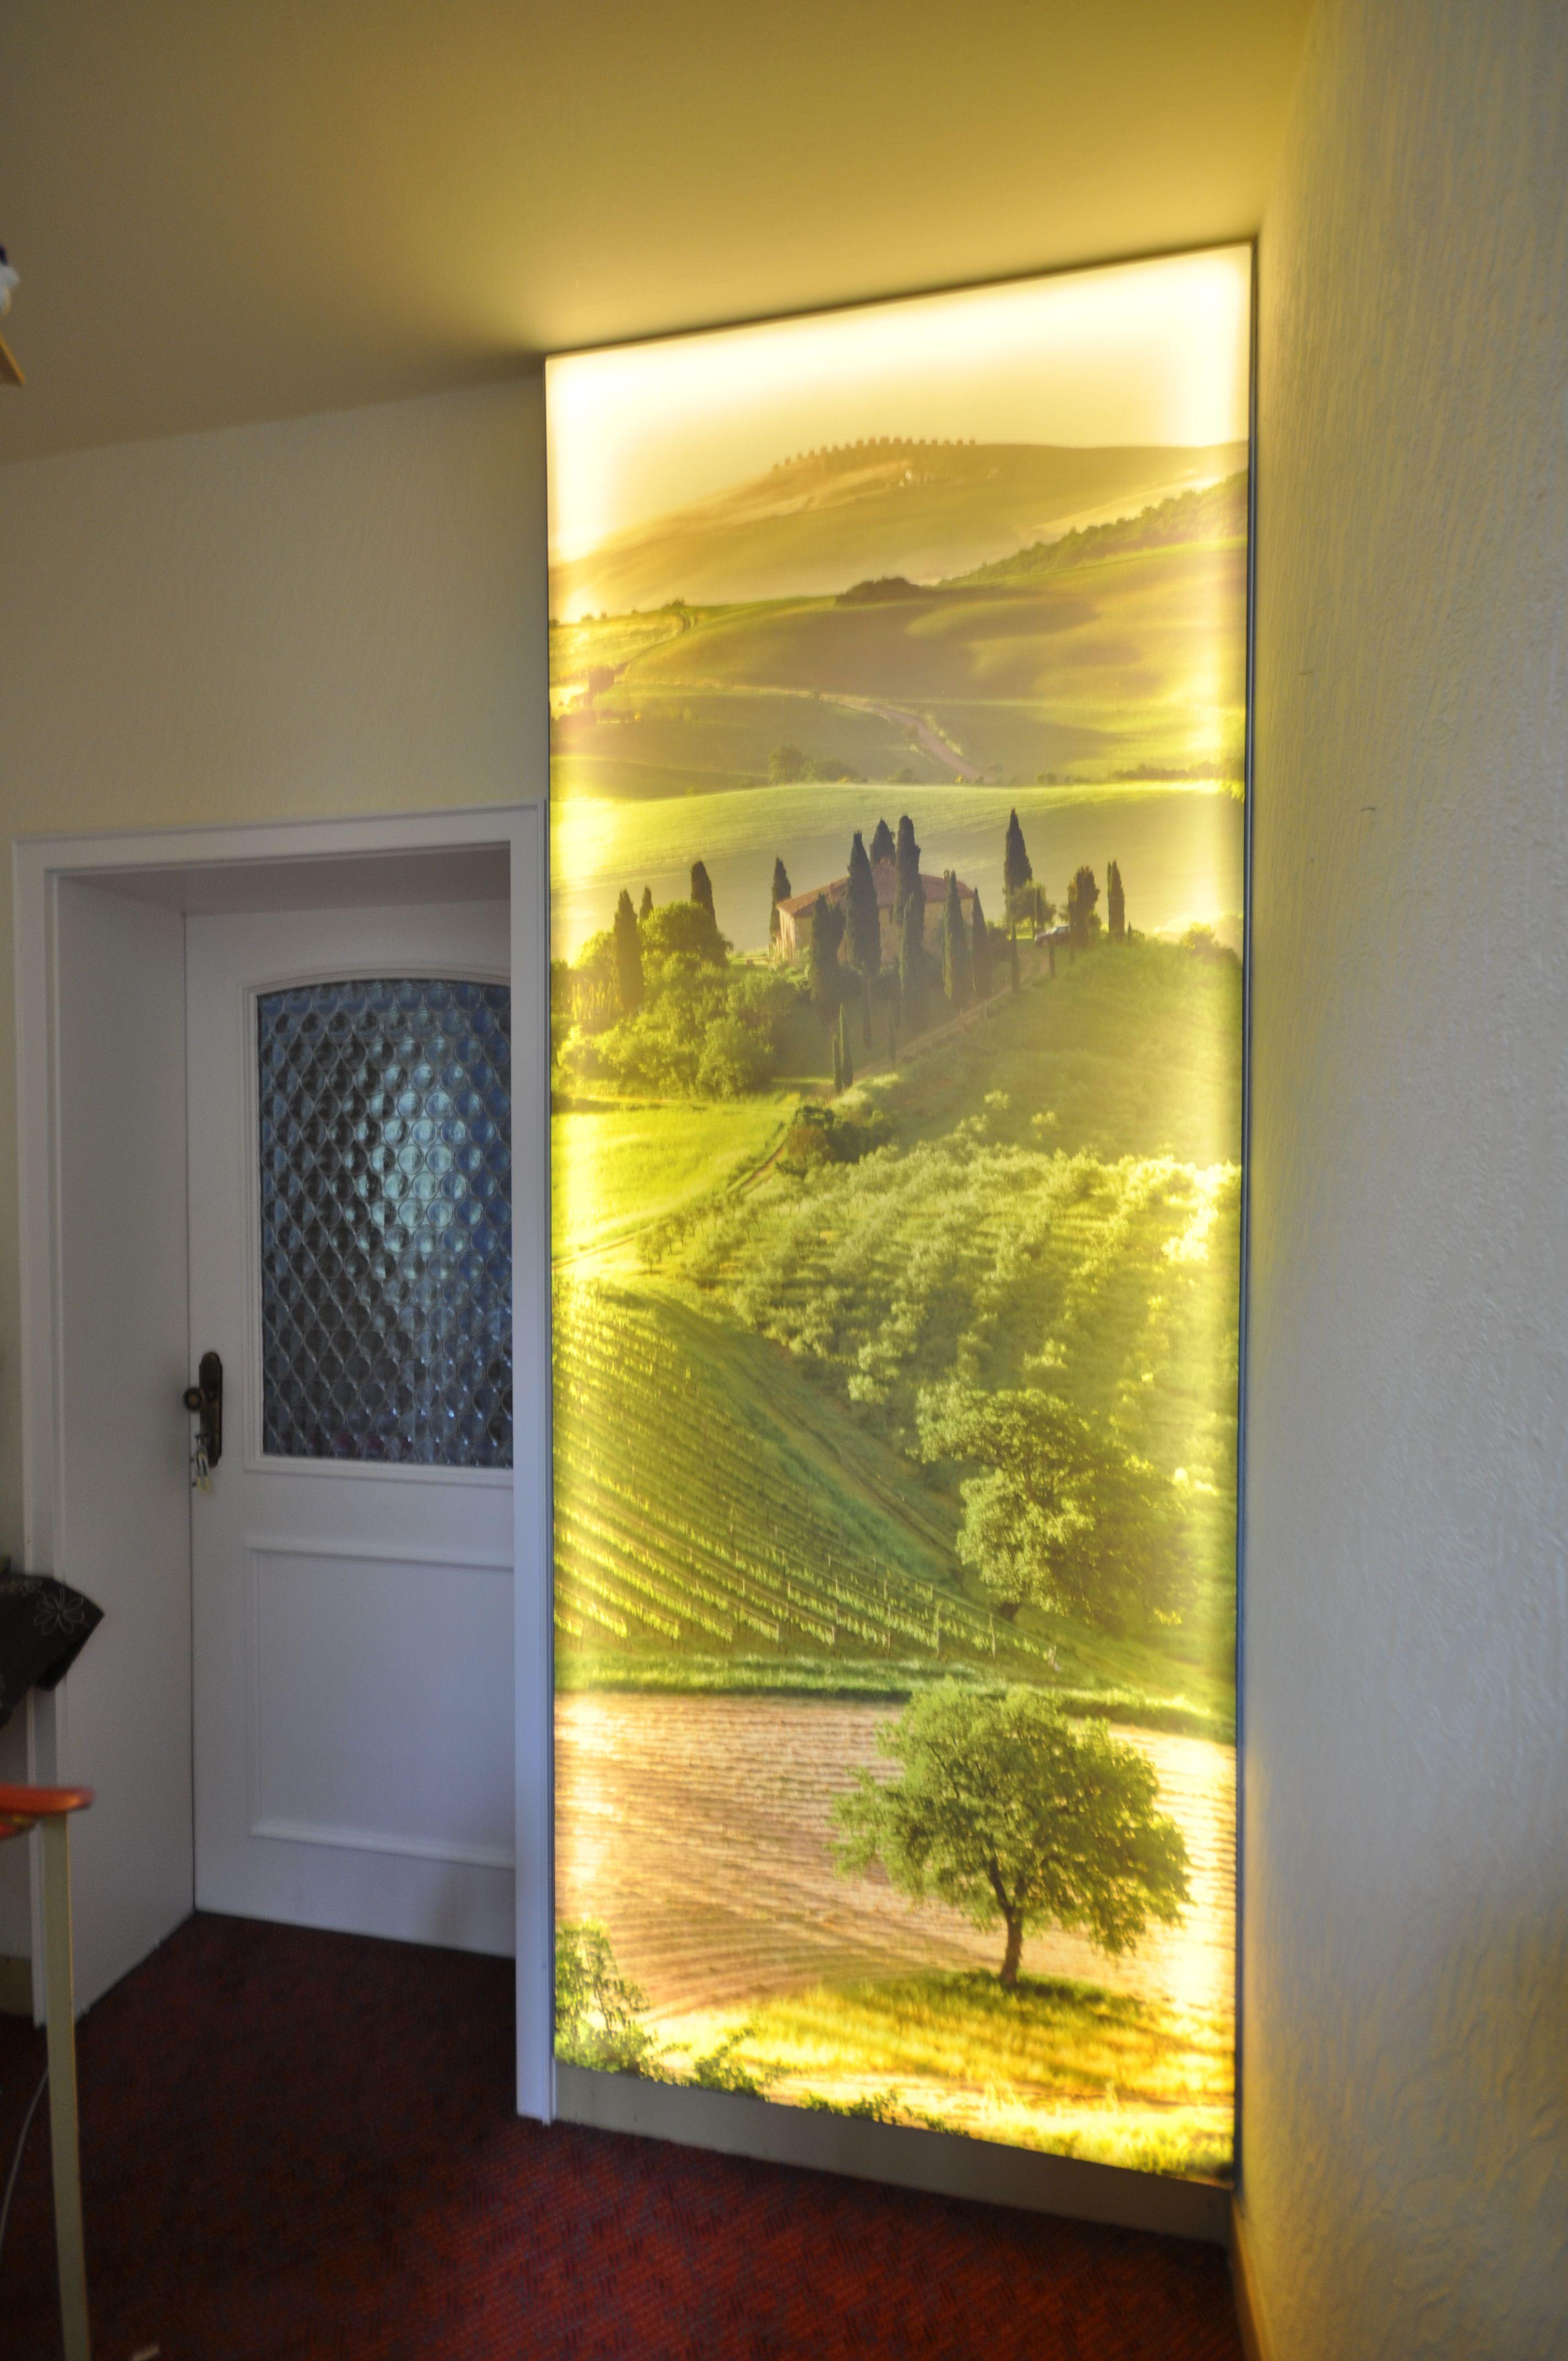 bedruckte spanndecke als lichtwand im flur beleuchtung. Black Bedroom Furniture Sets. Home Design Ideas